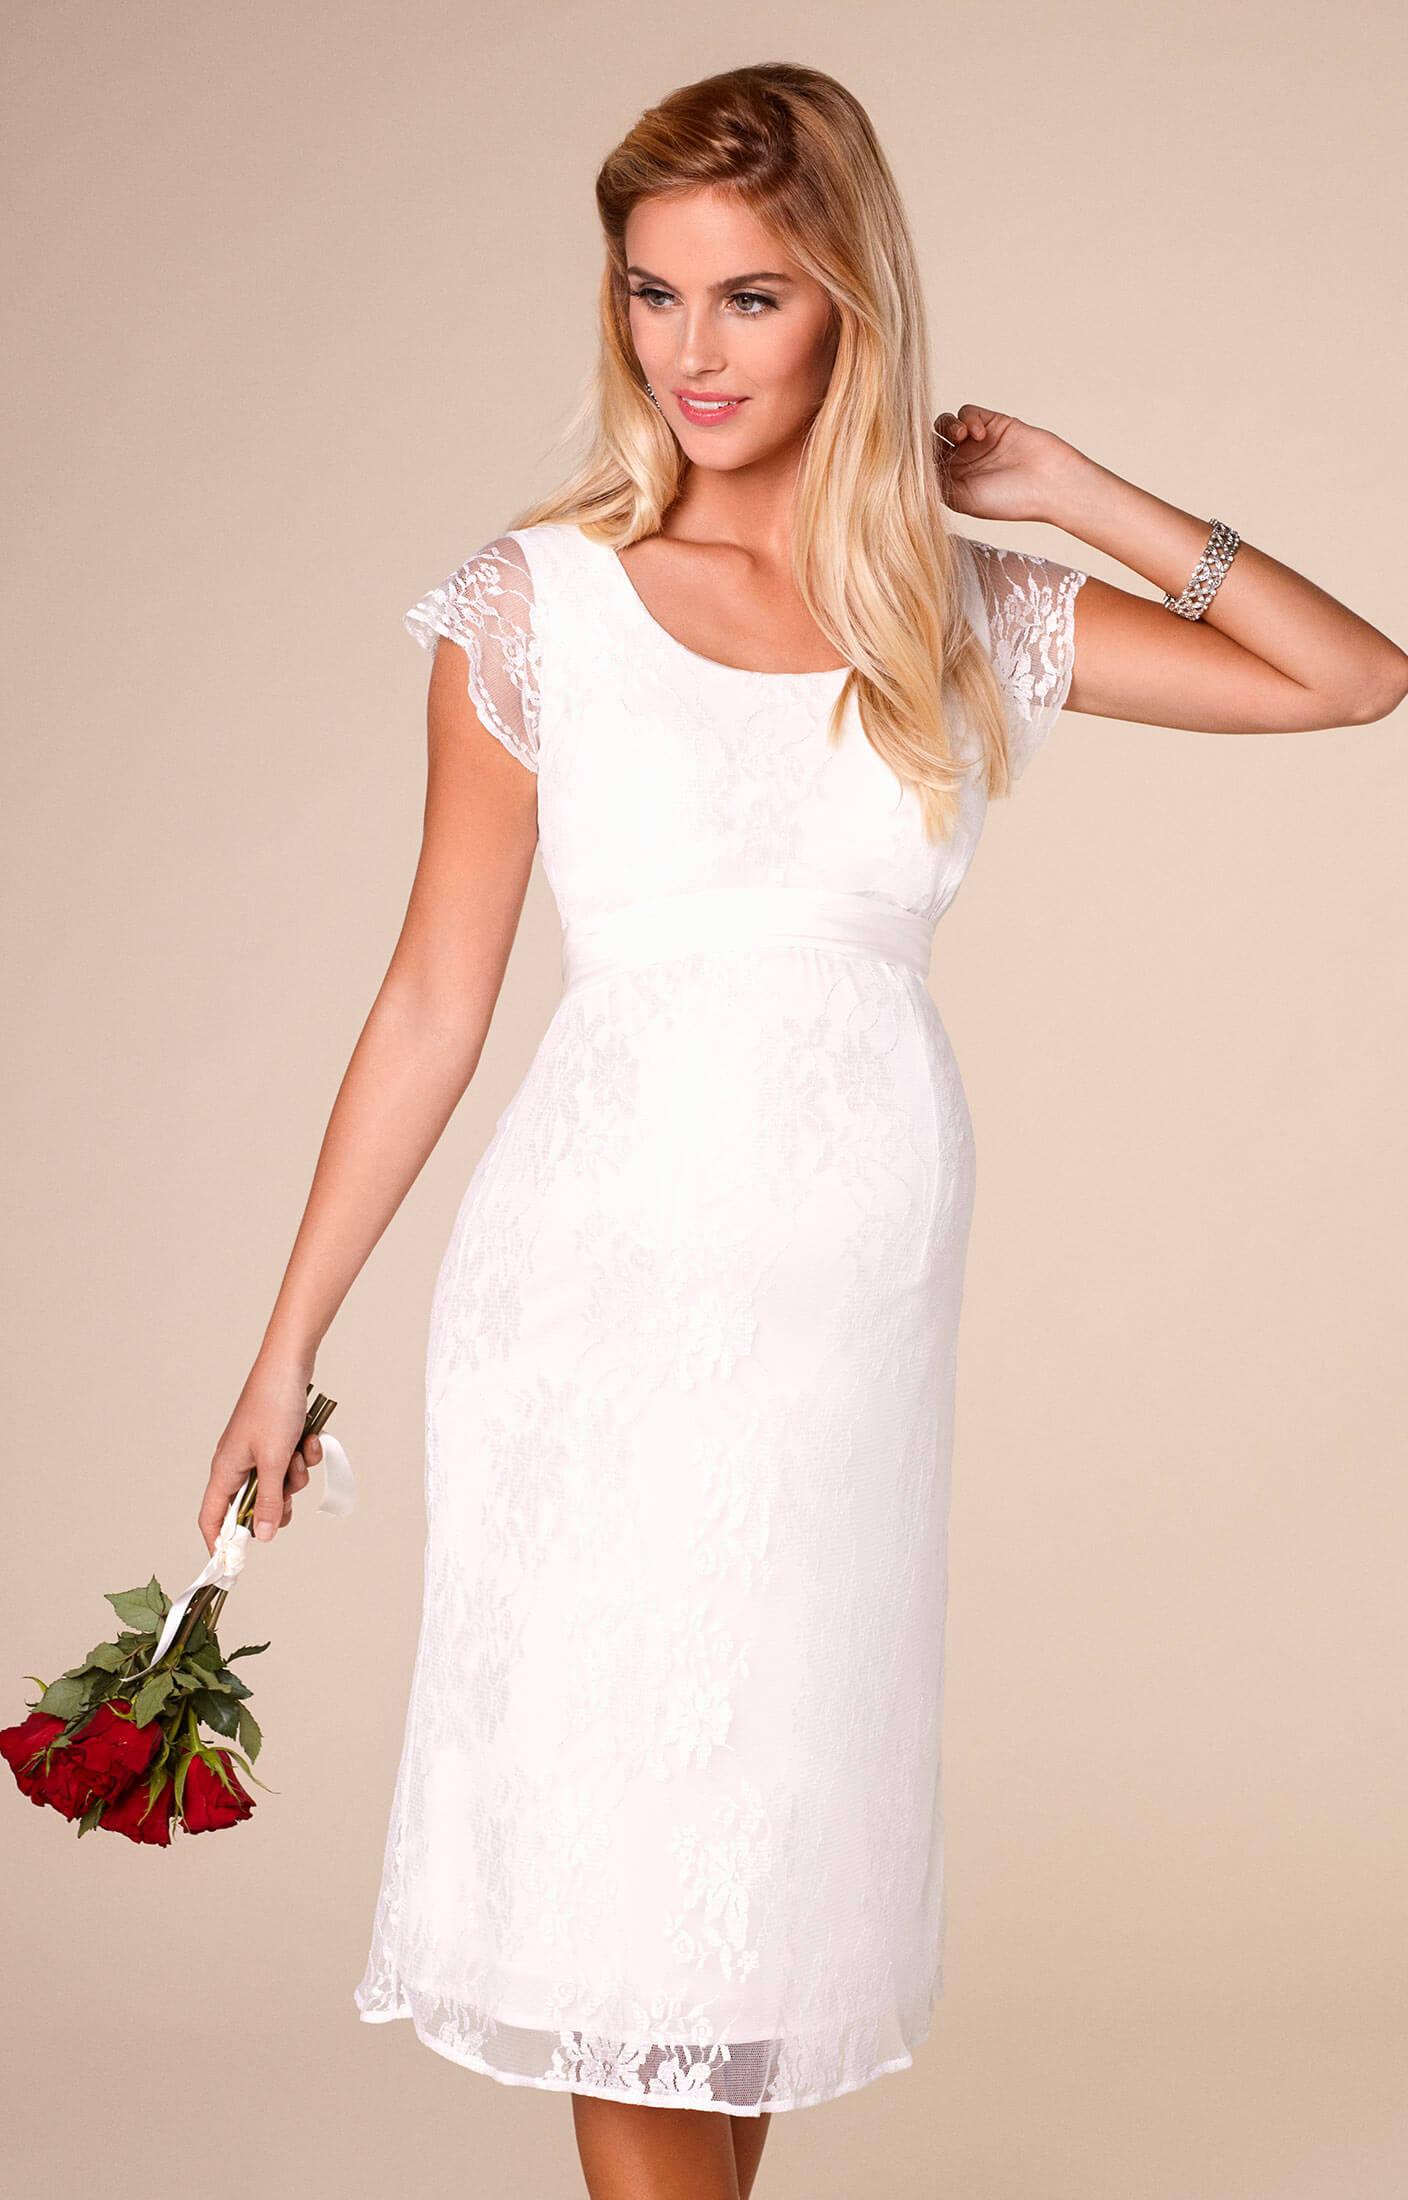 Stillkleider für Hochzeiten & andere besondere Anlässe by Tiffany Rose